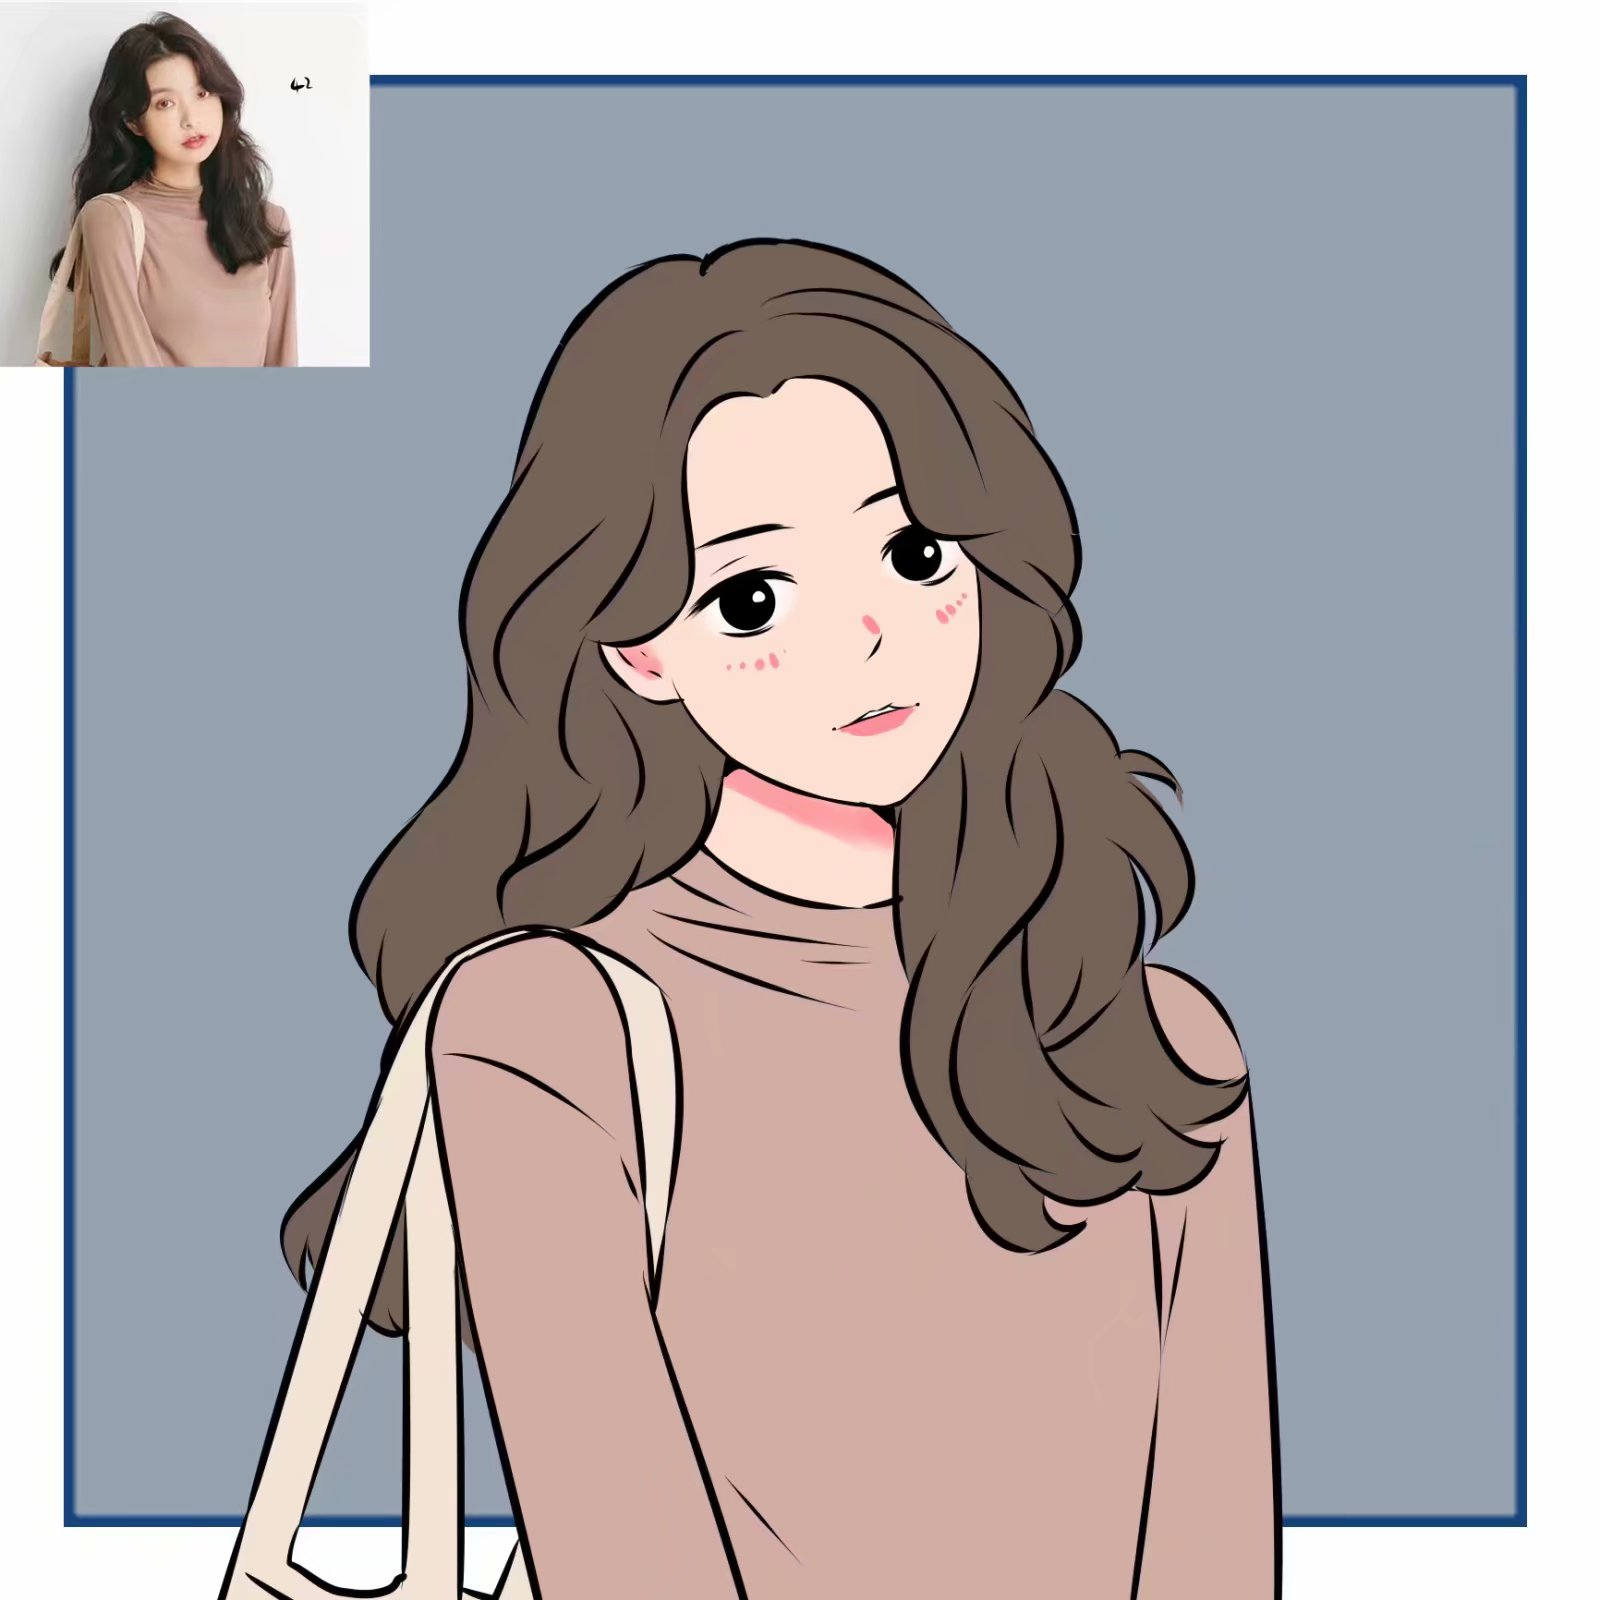 手绘Q版个人卡通漫画形象设计 照片转可爱情侣头像LOGO定制新品